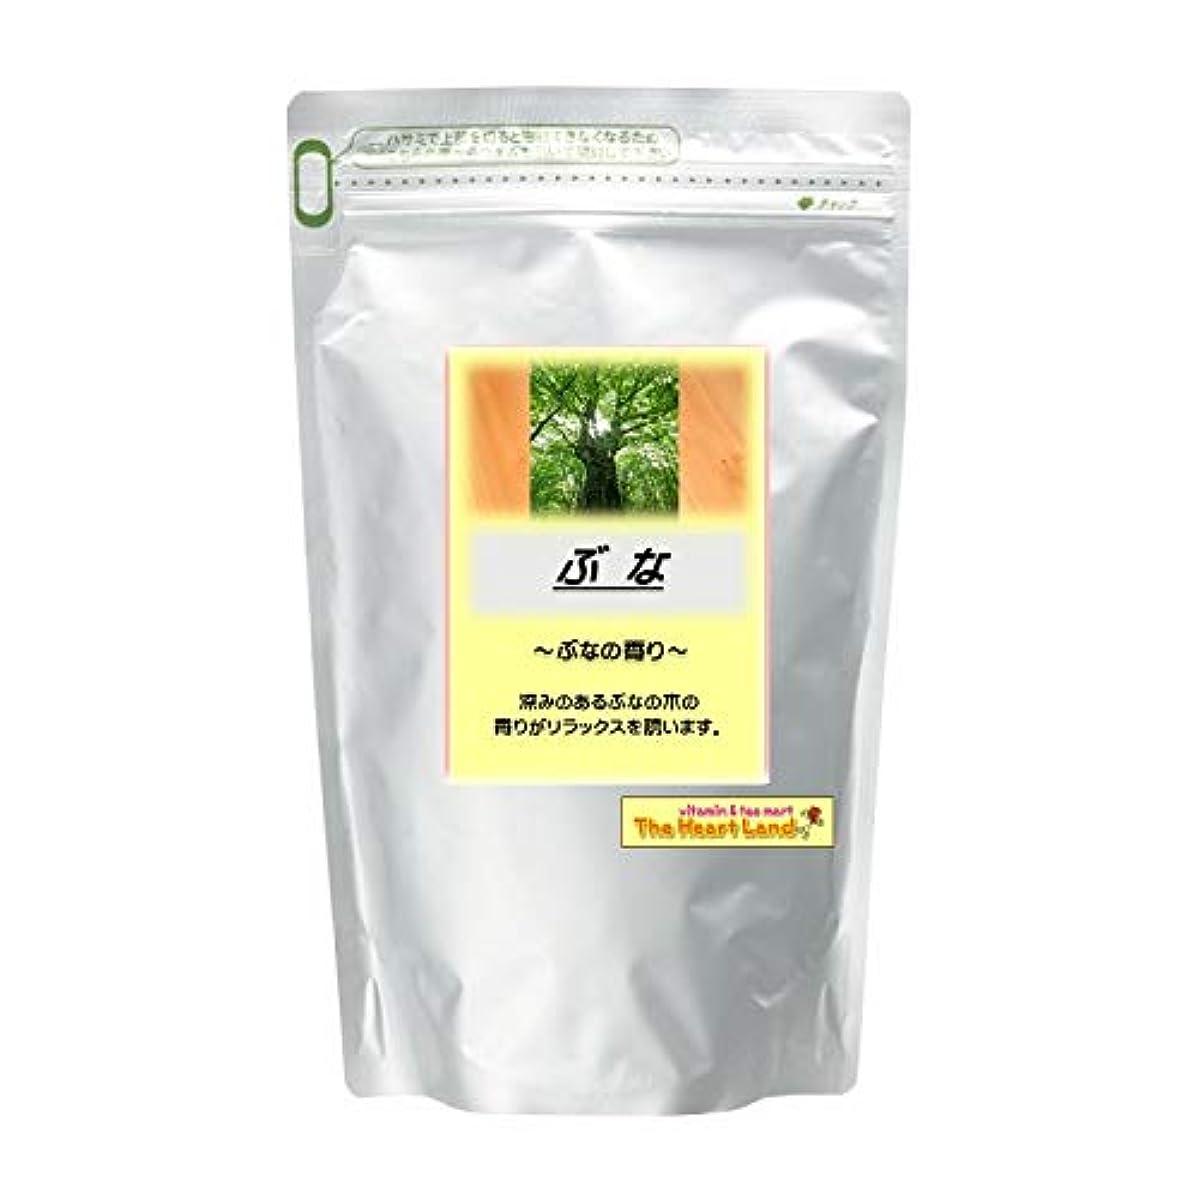 パリティ炭水化物鑑定アサヒ入浴剤 浴用入浴化粧品 ぶな 300g